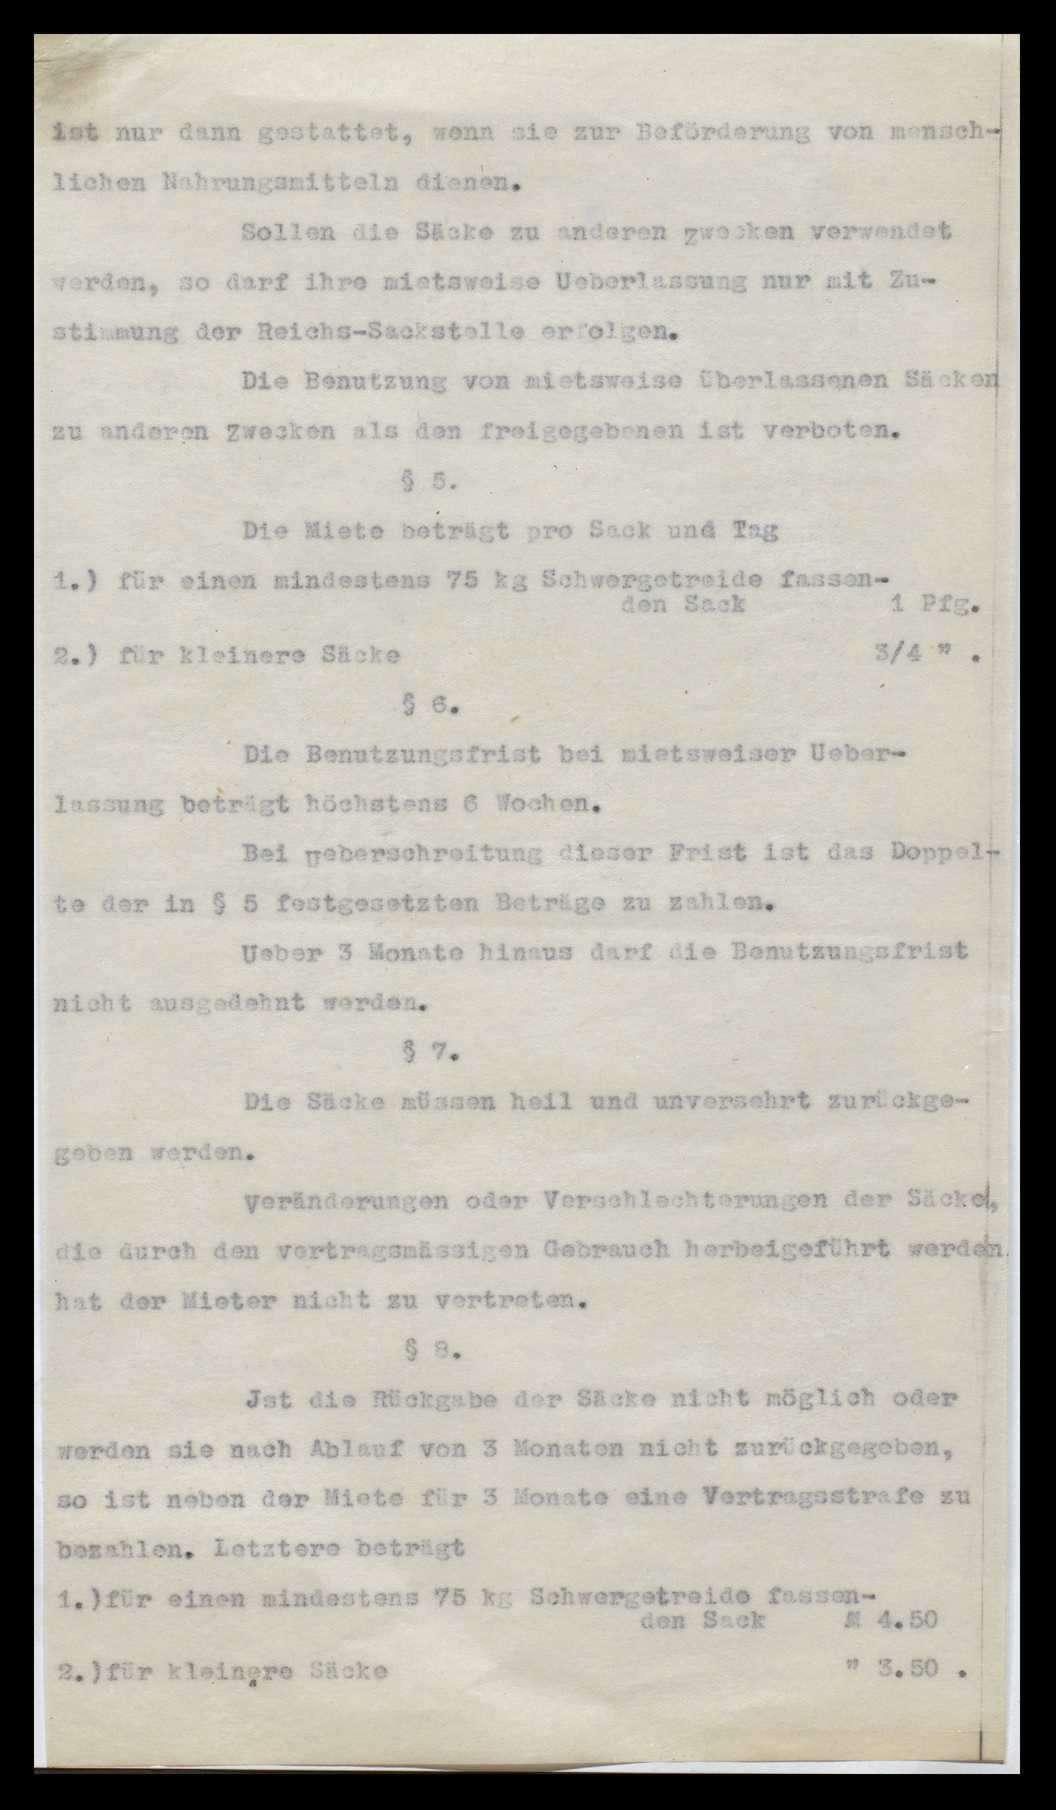 Reichssackstelle, Verkehr mit Säcken, Bild 1